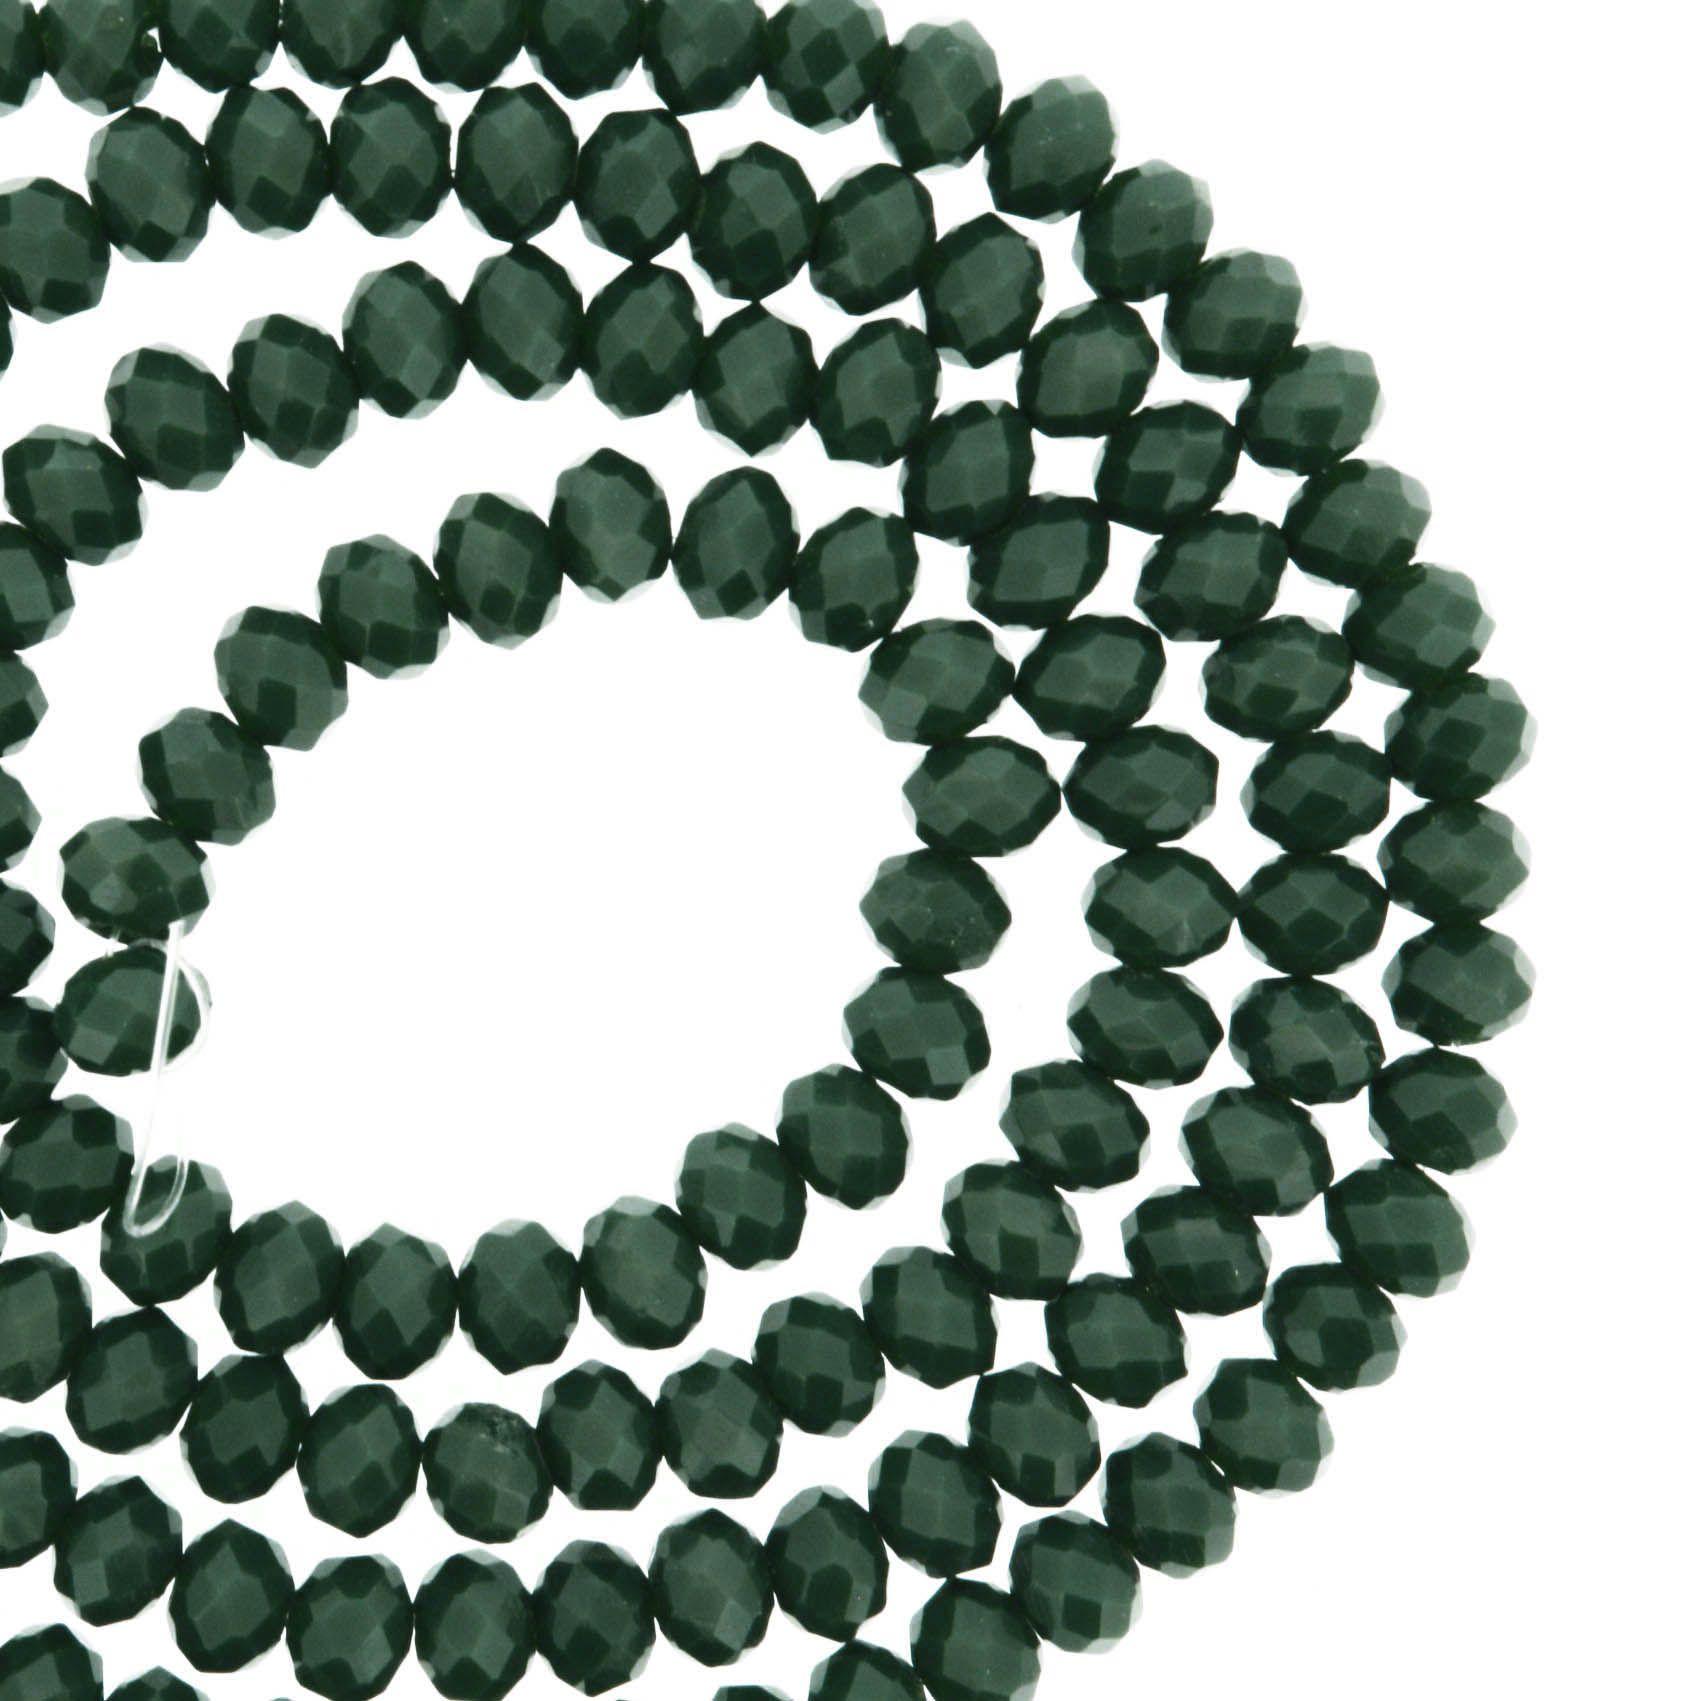 Fio de Cristal - Flat® - Verde Escuro - 4mm  - Stéphanie Bijoux® - Peças para Bijuterias e Artesanato